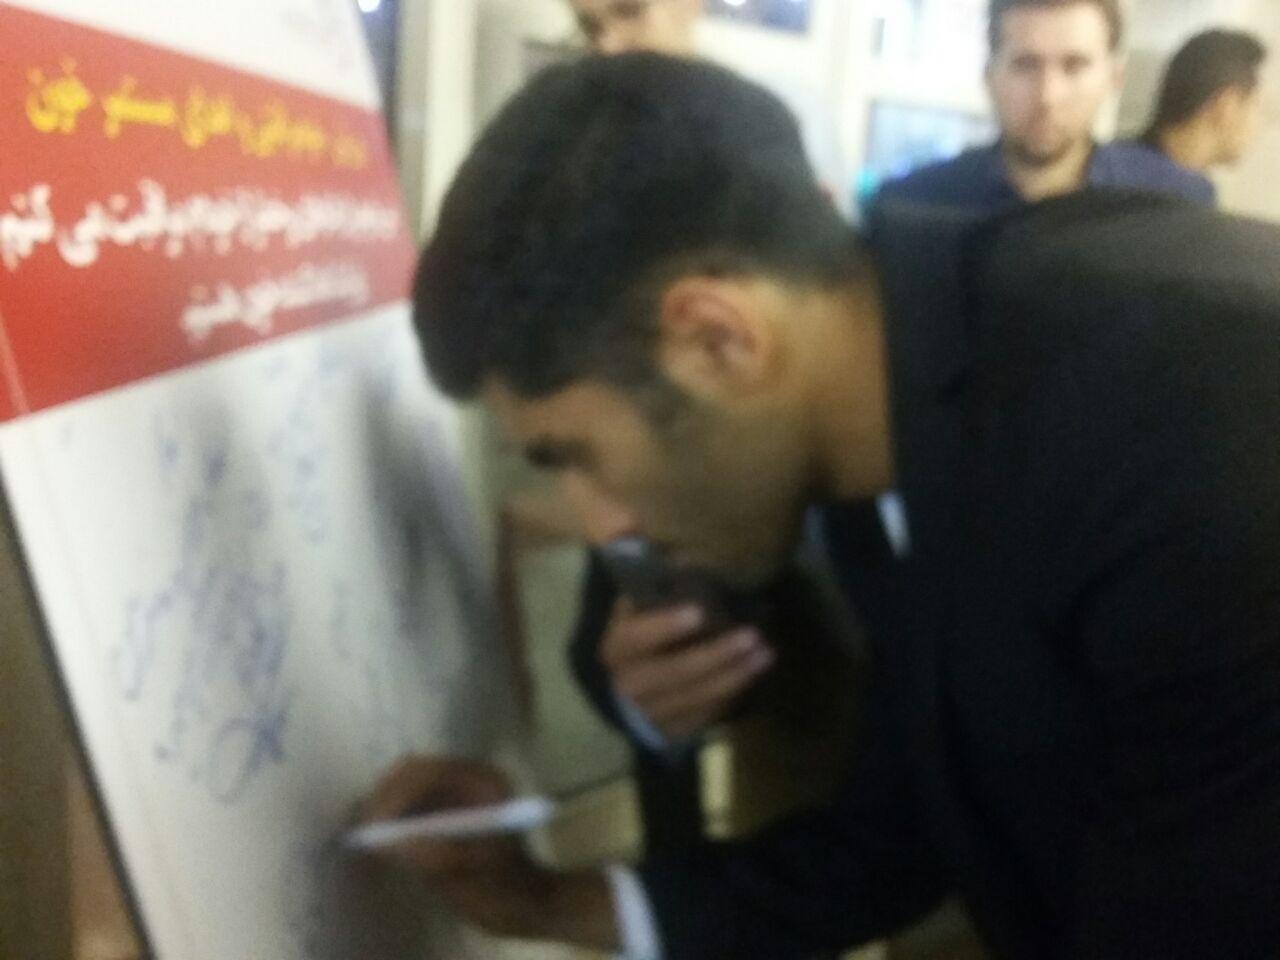 مراسم برترین های لیگ برتر فوتبال آغاز شد + تصاویر و مصاحبه ها